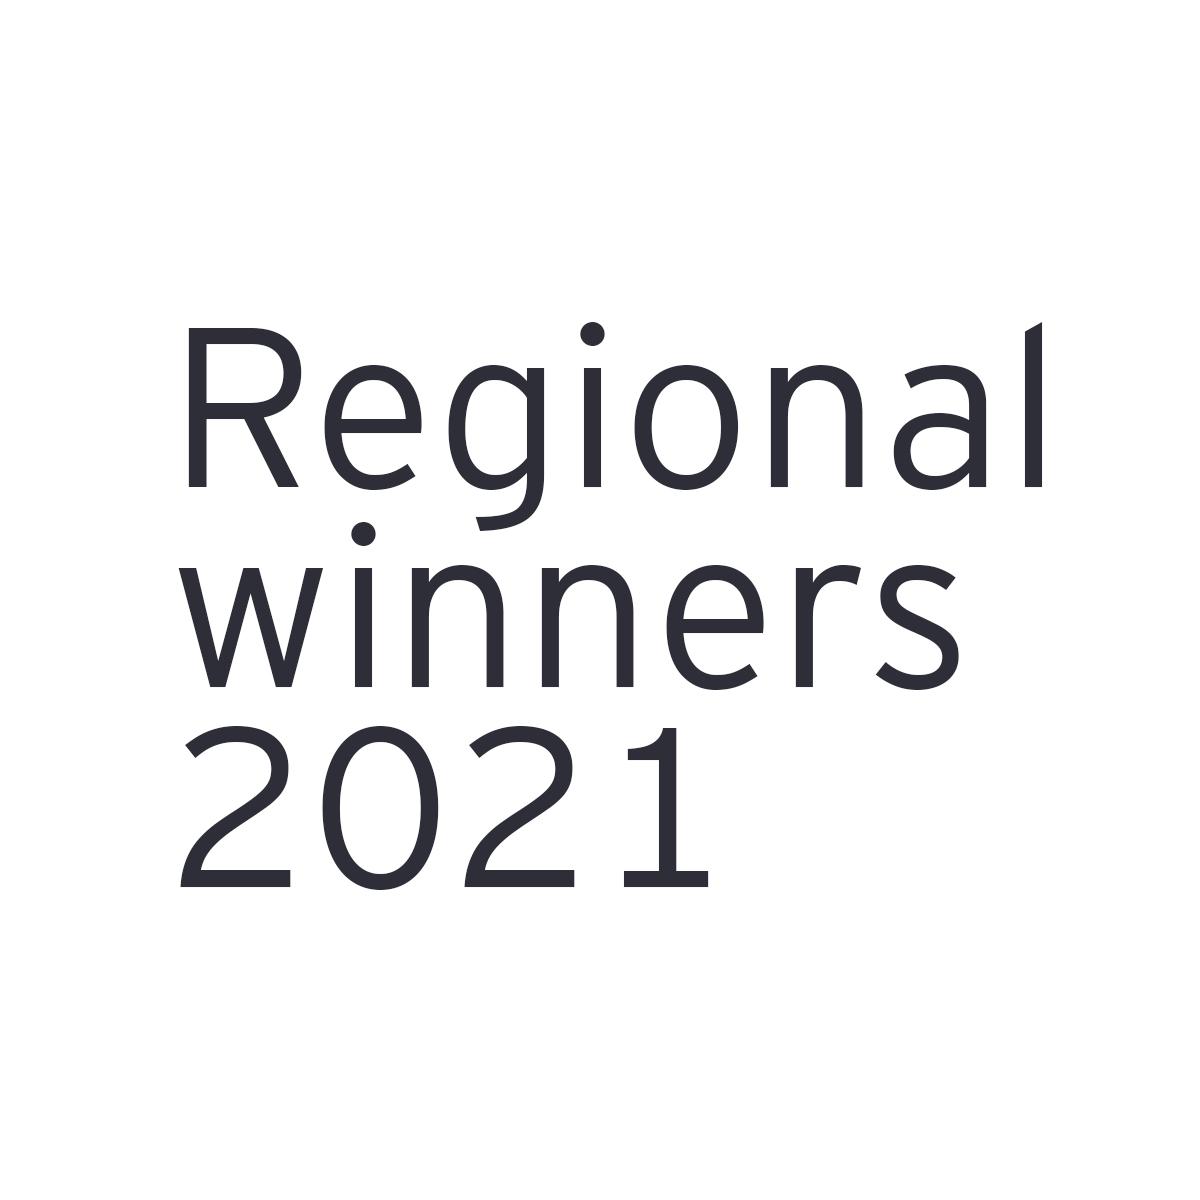 All Regional winners 2021